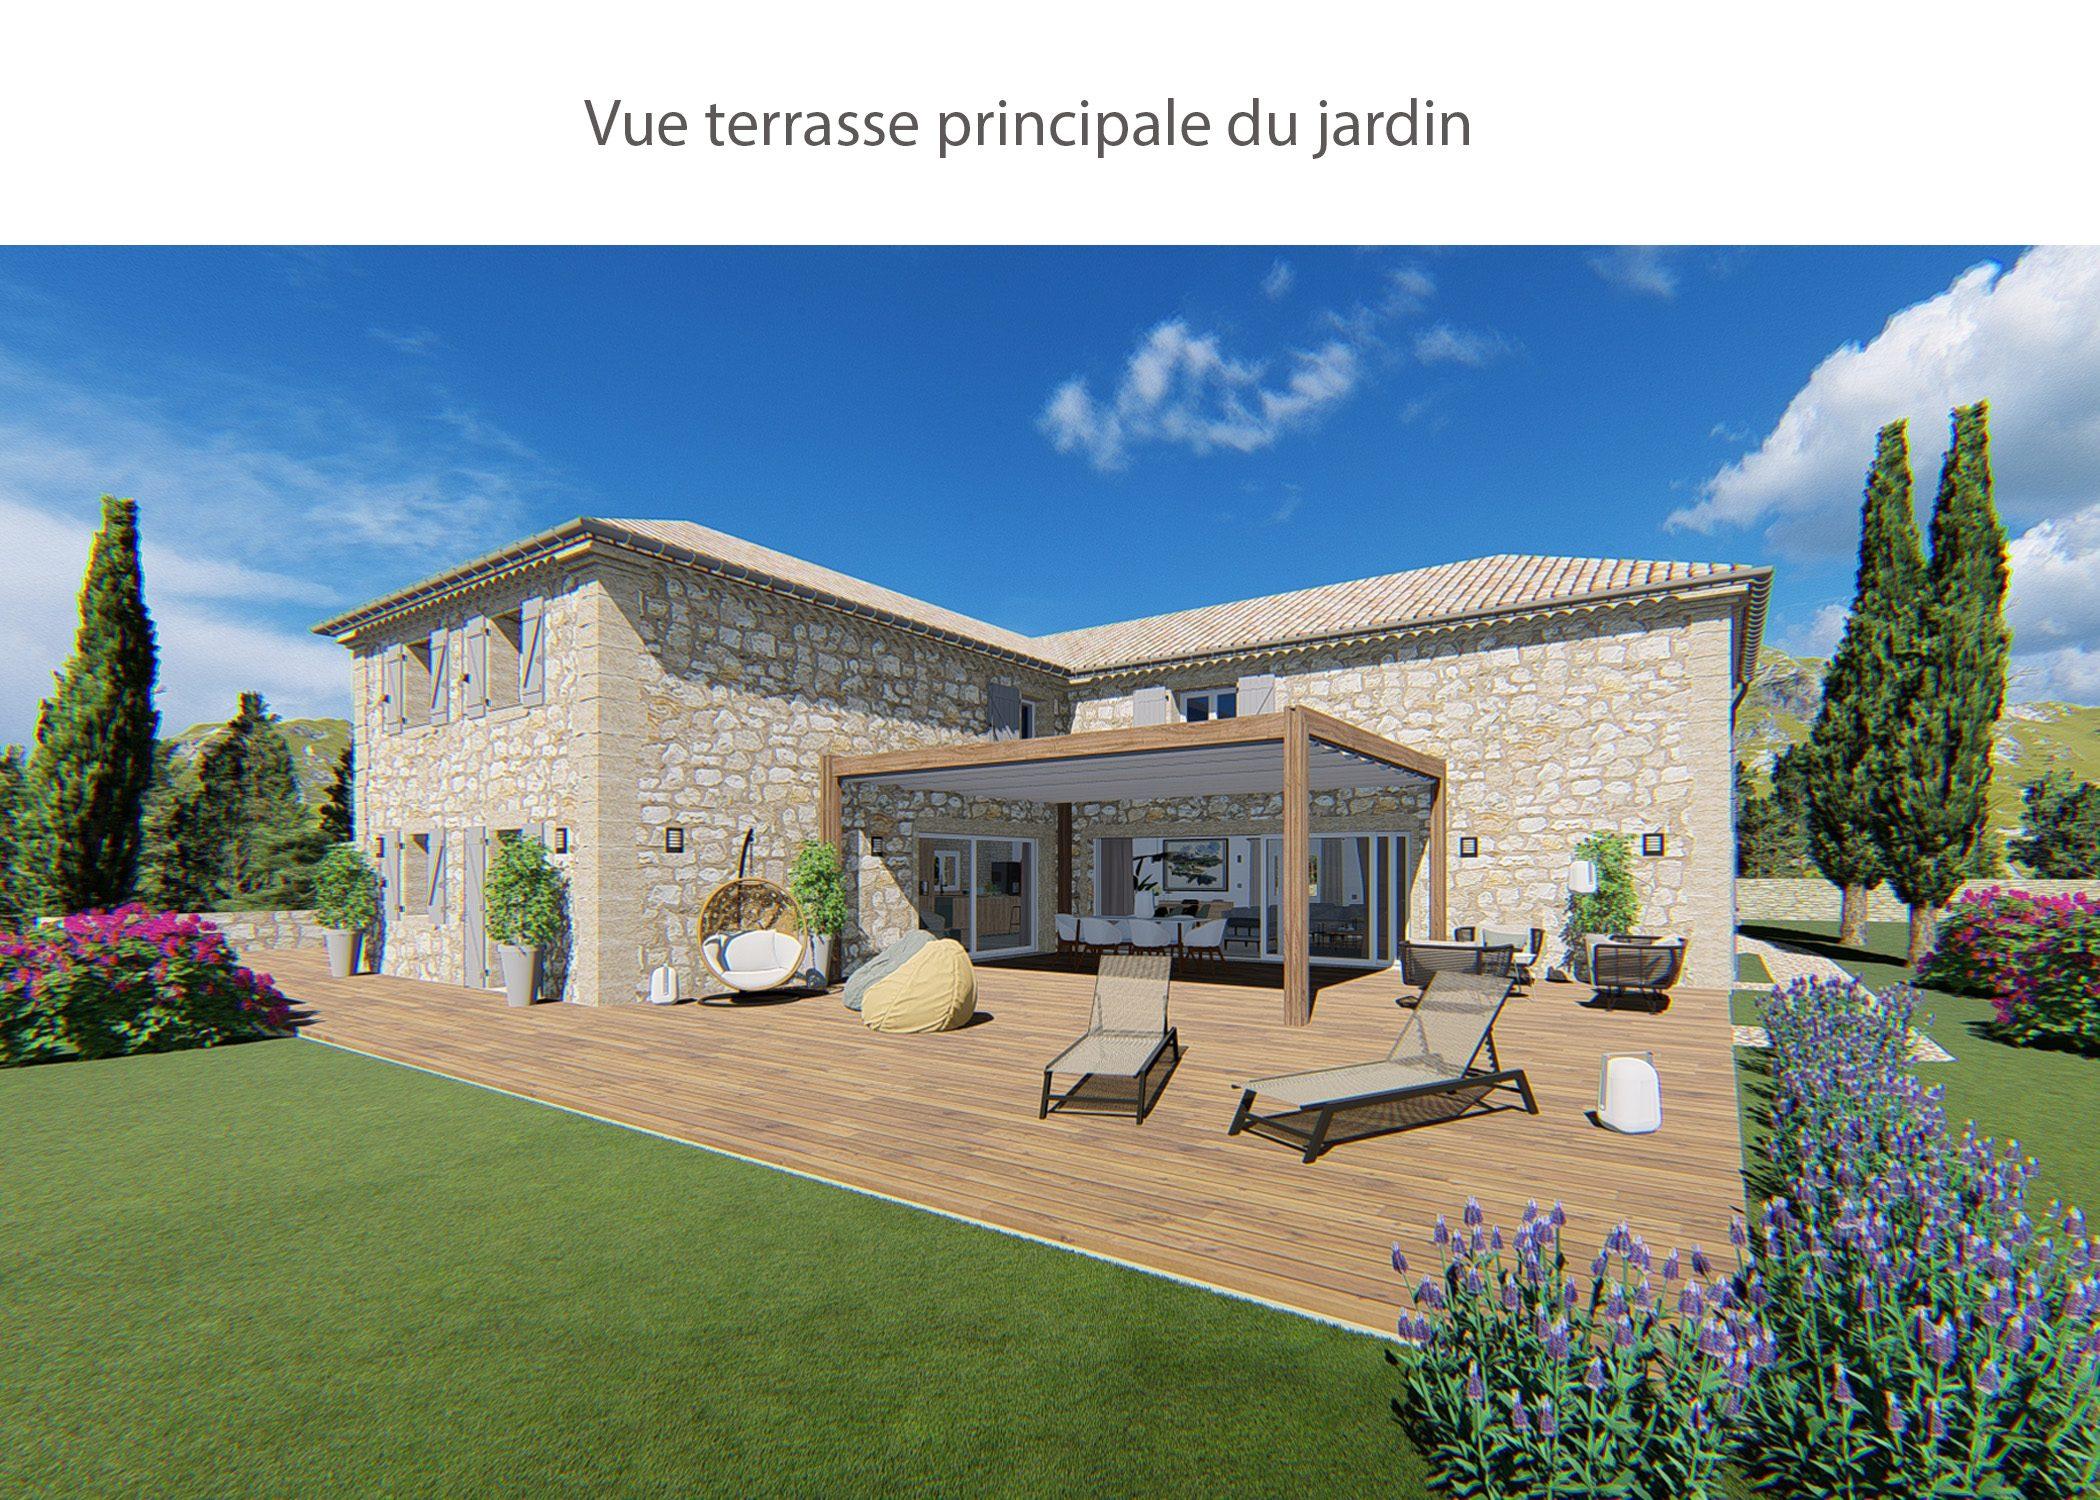 amenagement-decoration-maison de famille-campagne-provence-exterieur terrasse-dekho design